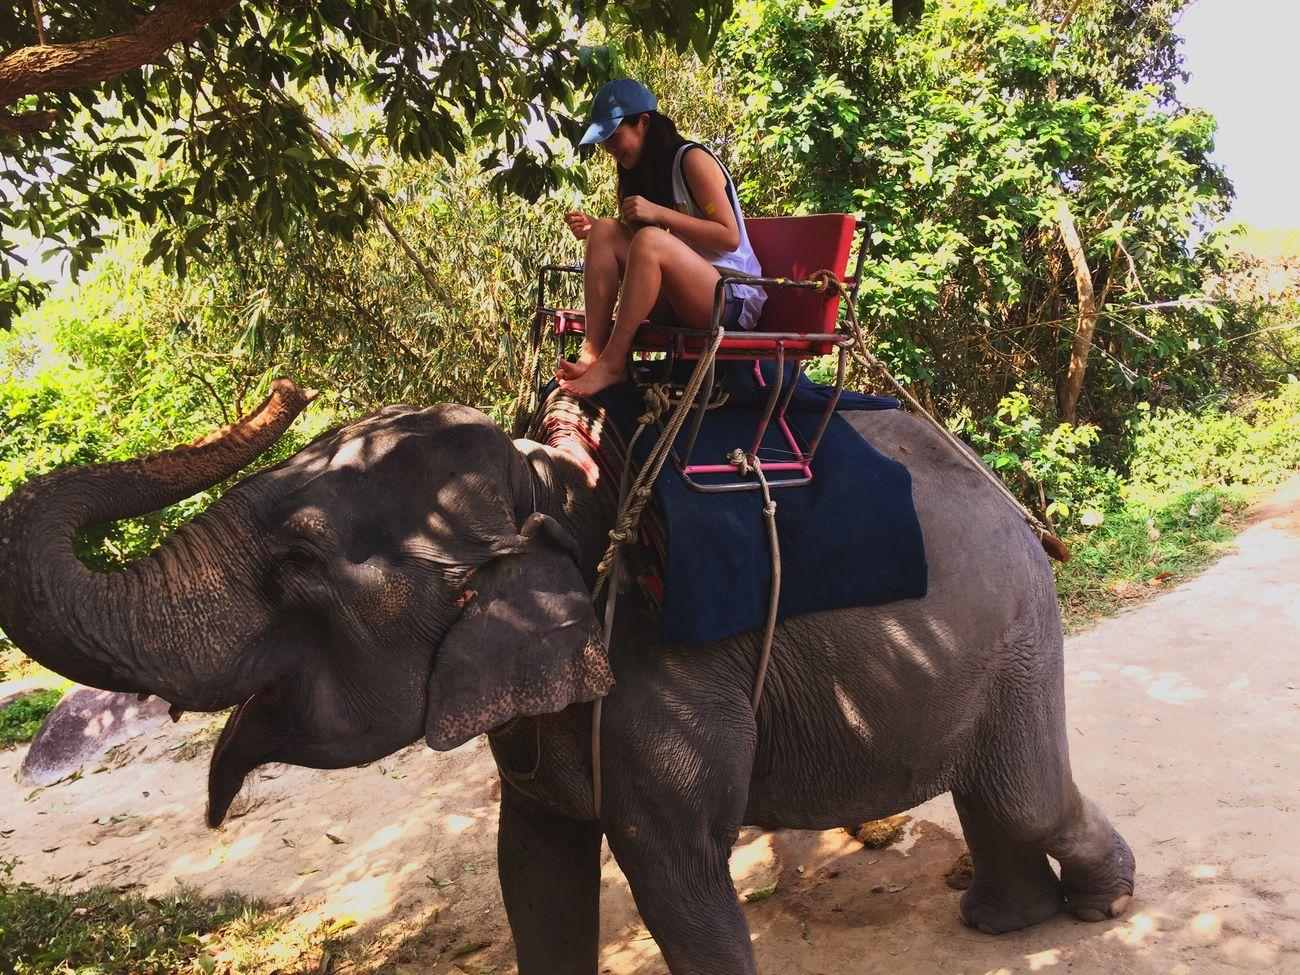 Thailand Animal Animal Photography Activity Elephant Trekking Elephant Neither Women